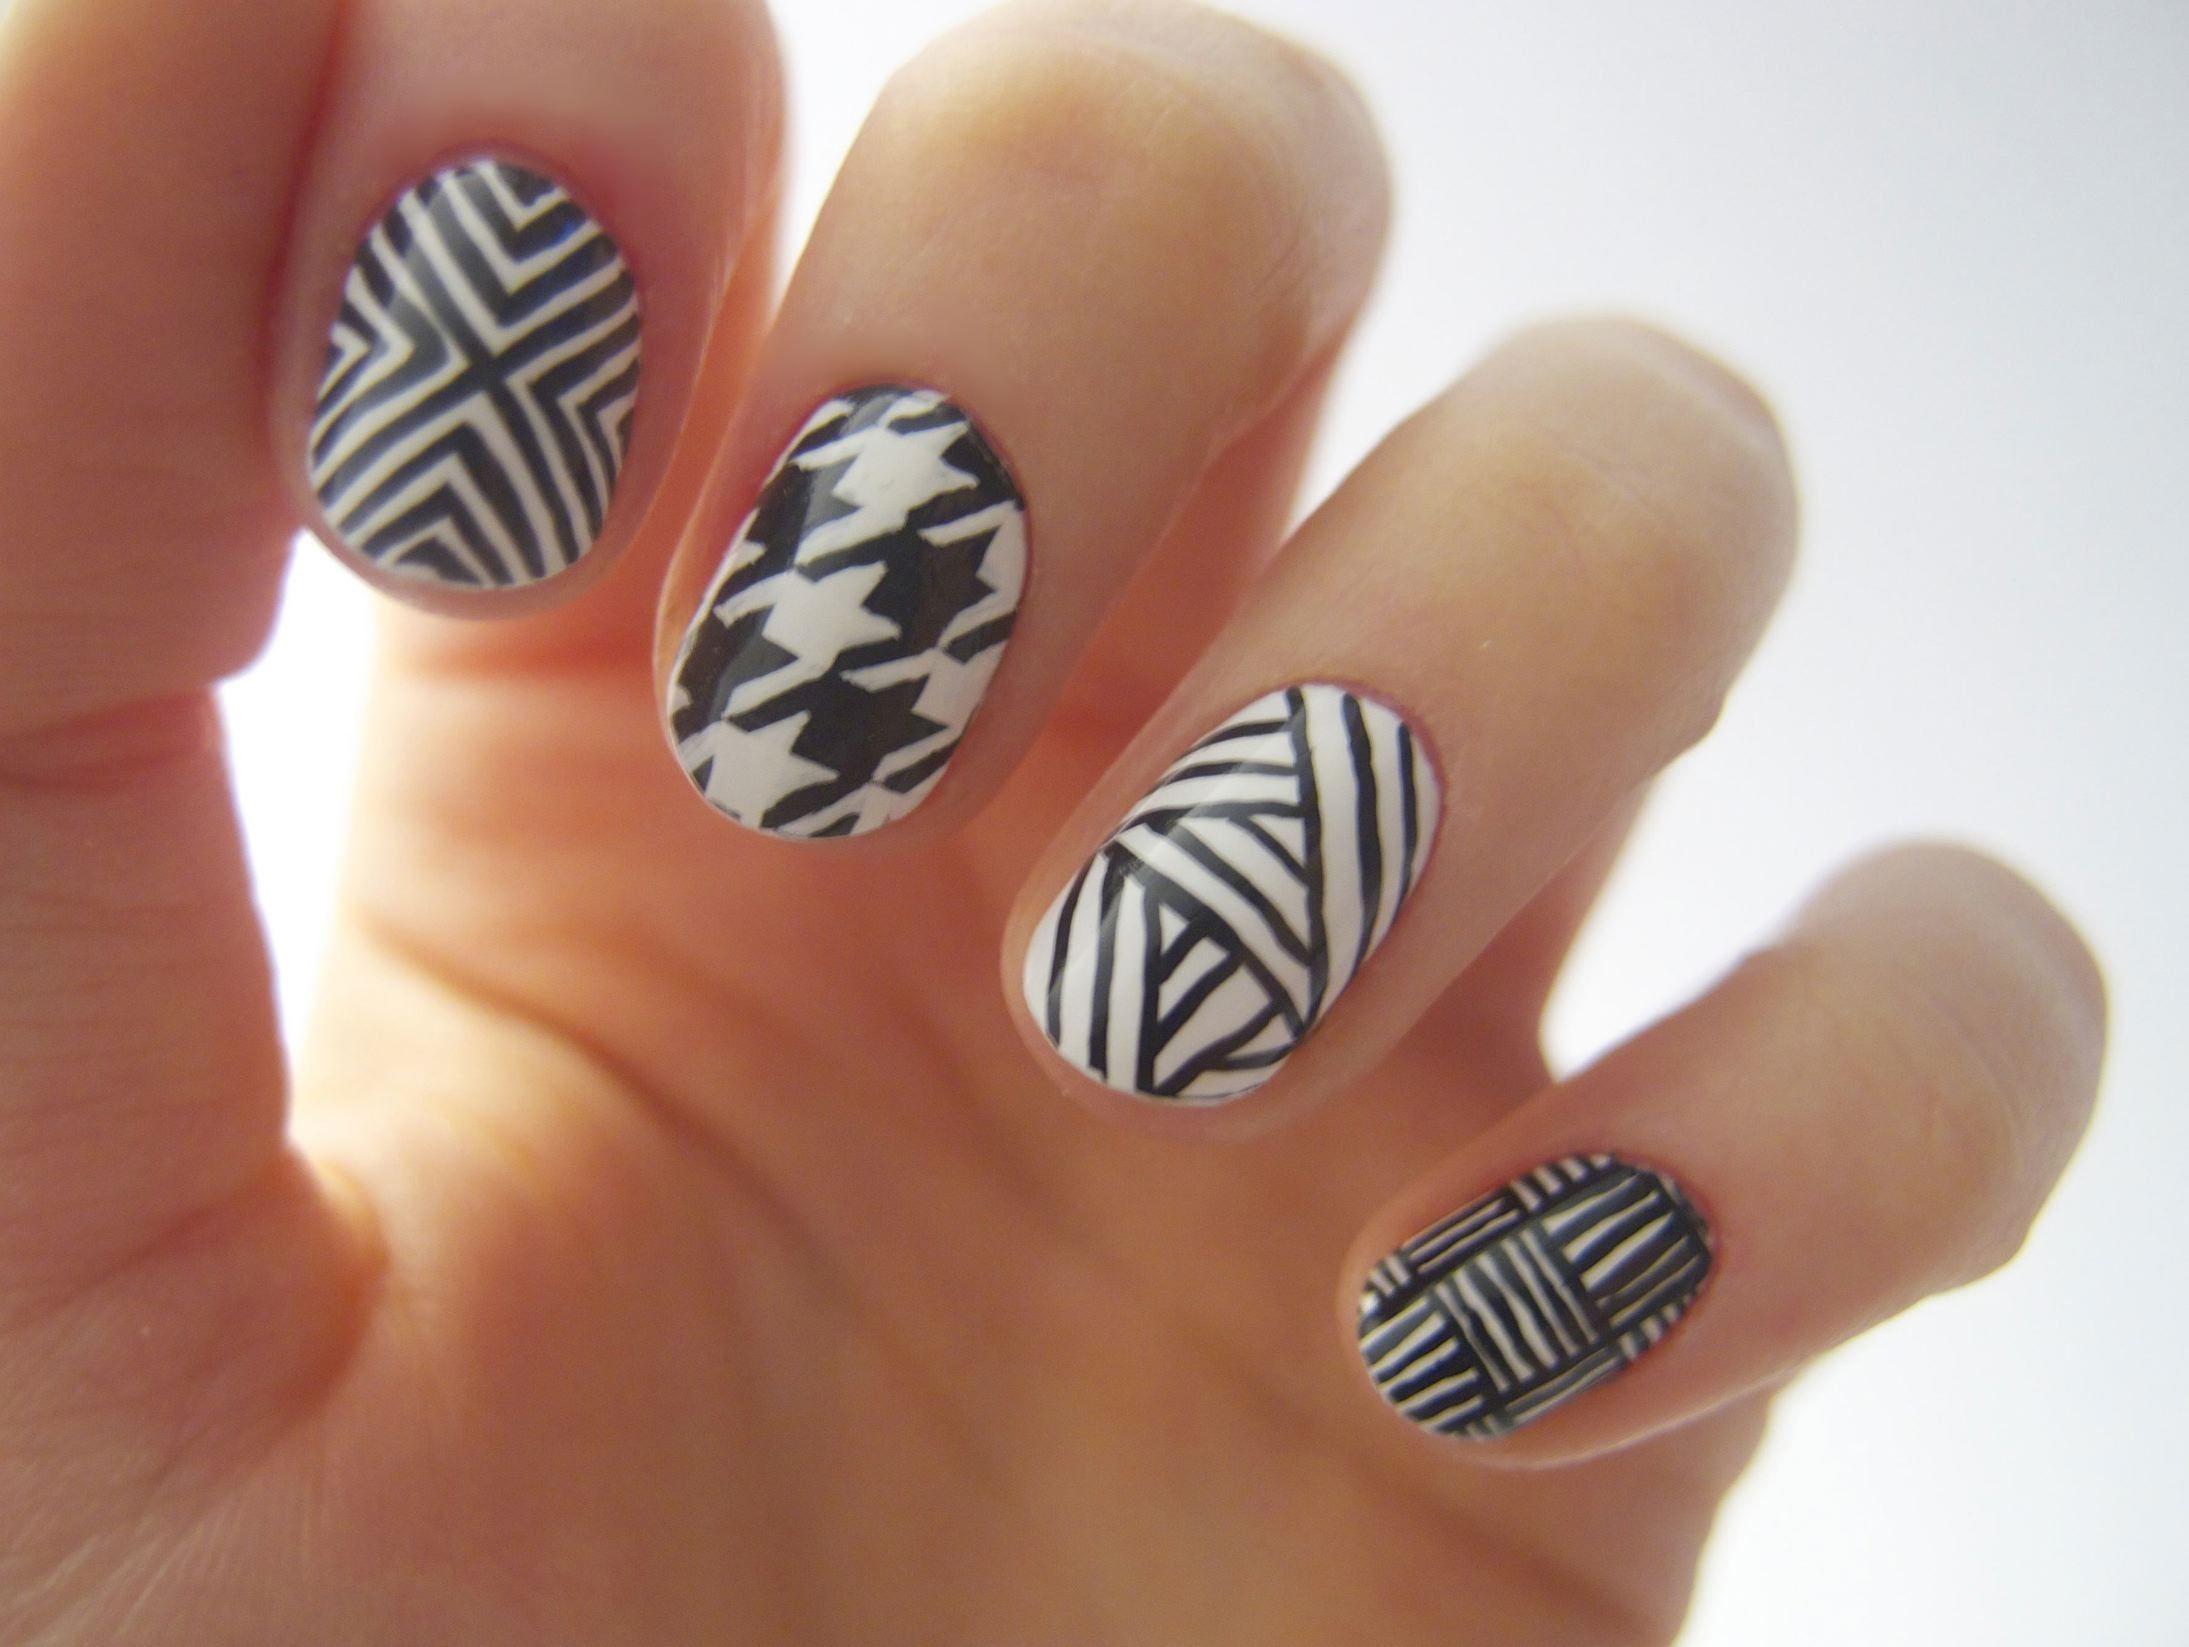 Nail art ideas for memorial day weekend. | Uñas de moda